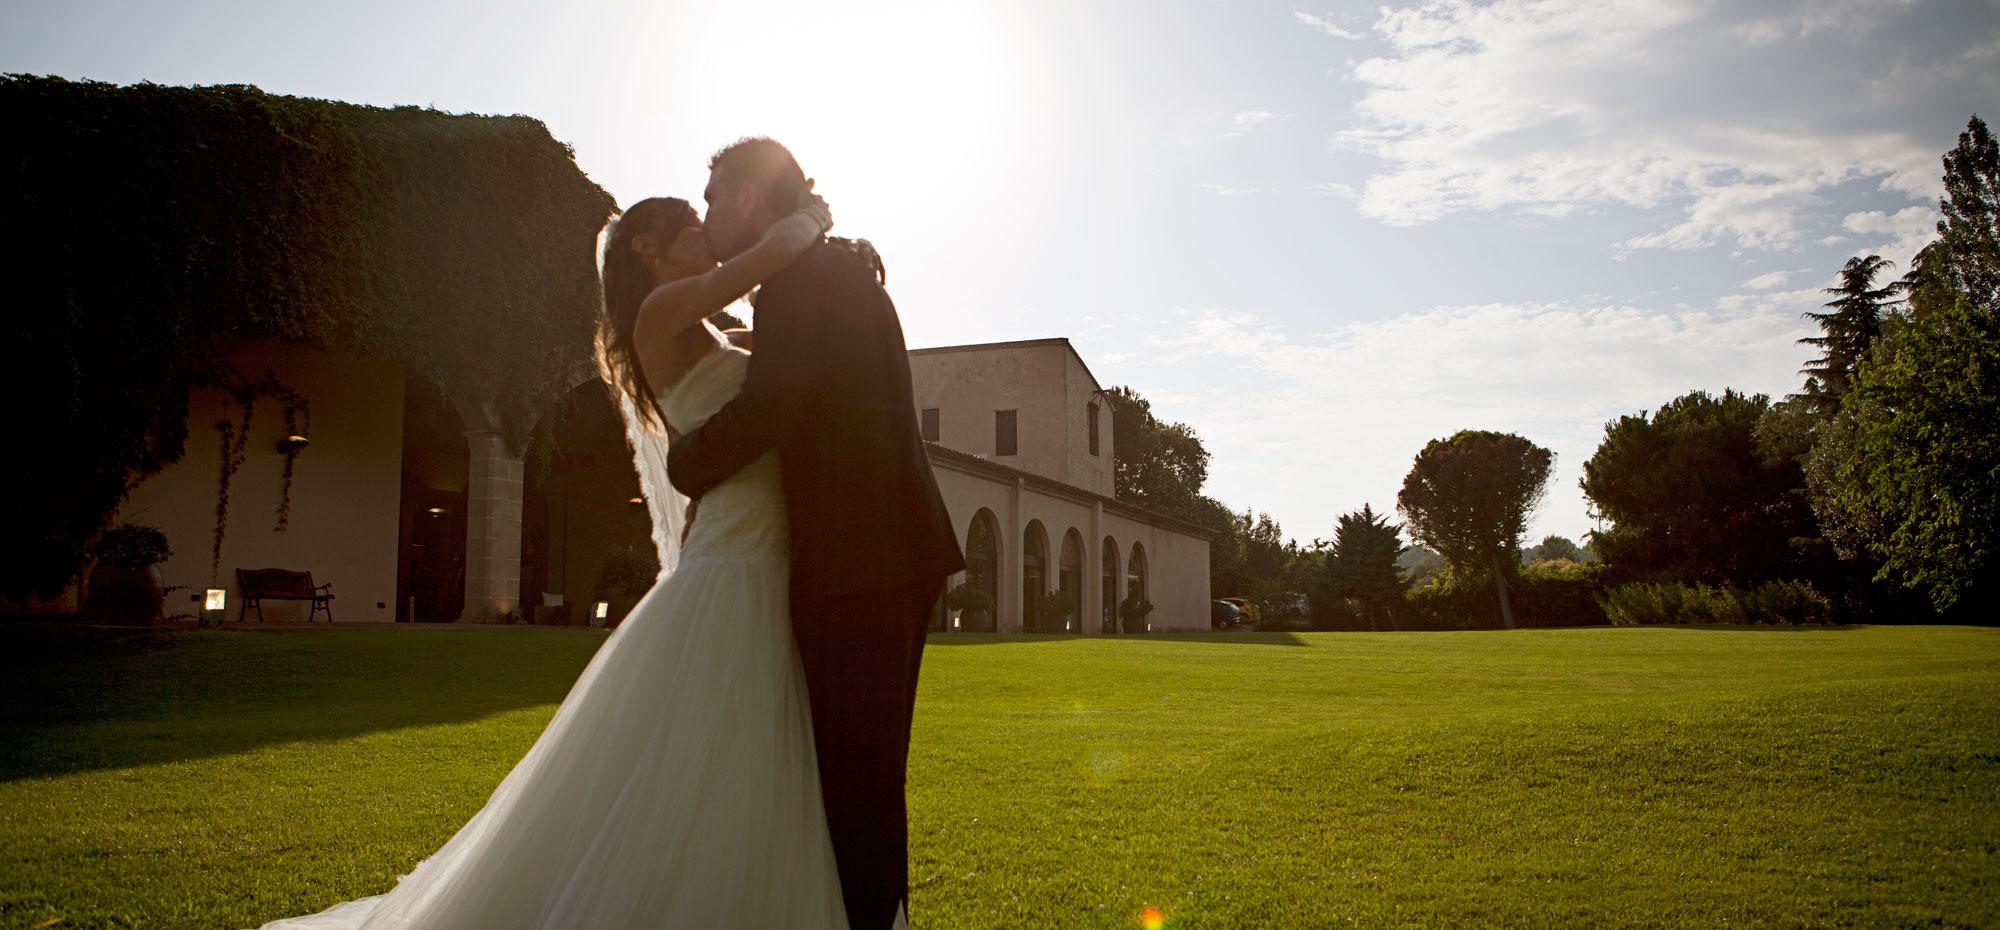 Gisel corbo photography fot grafo de bodas en sitges - Fotografos en terrassa ...